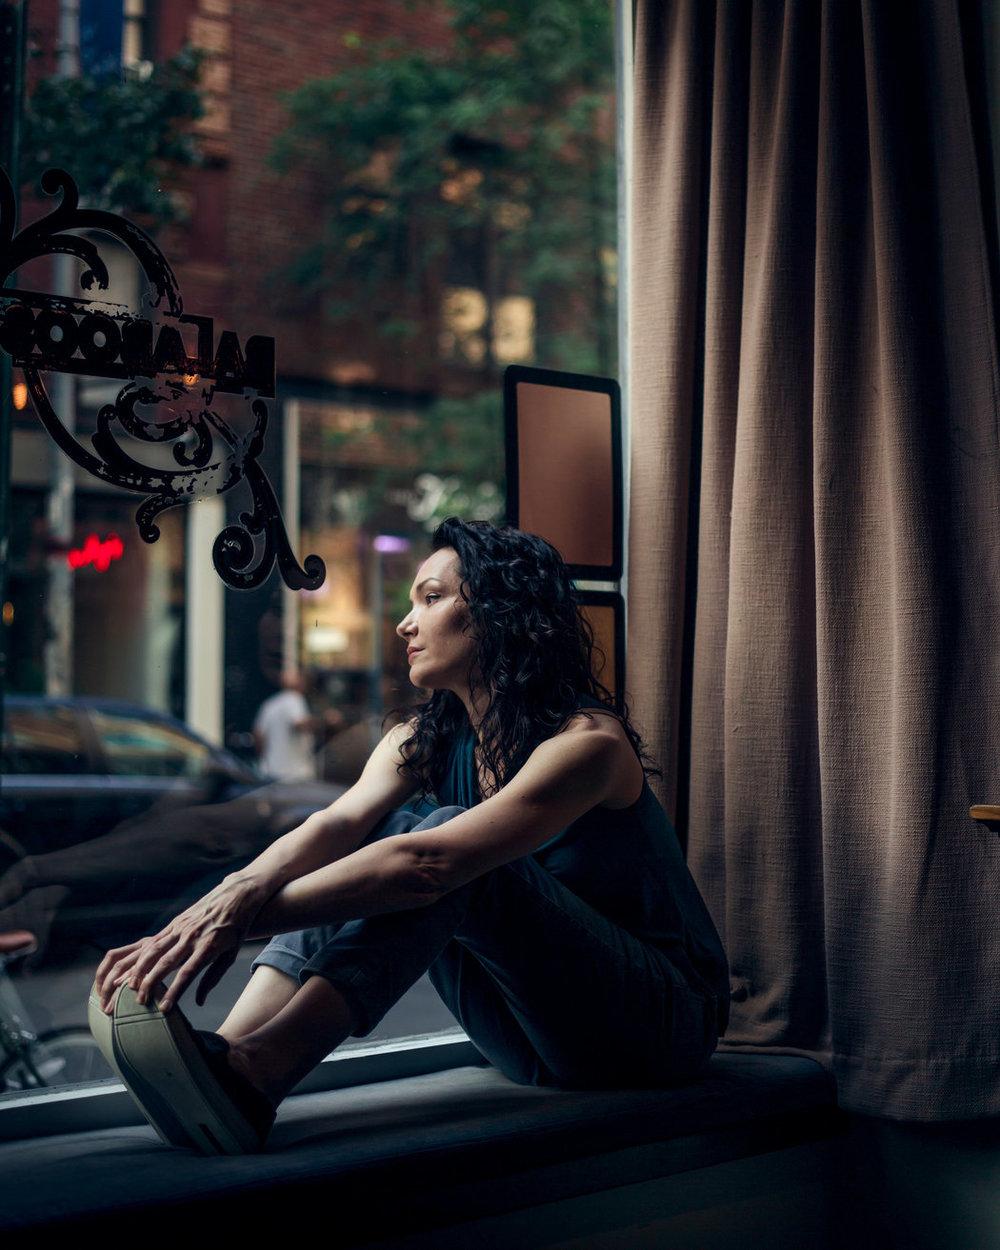 Katrina Lenk - Sasha Arutyunova for The New York Times